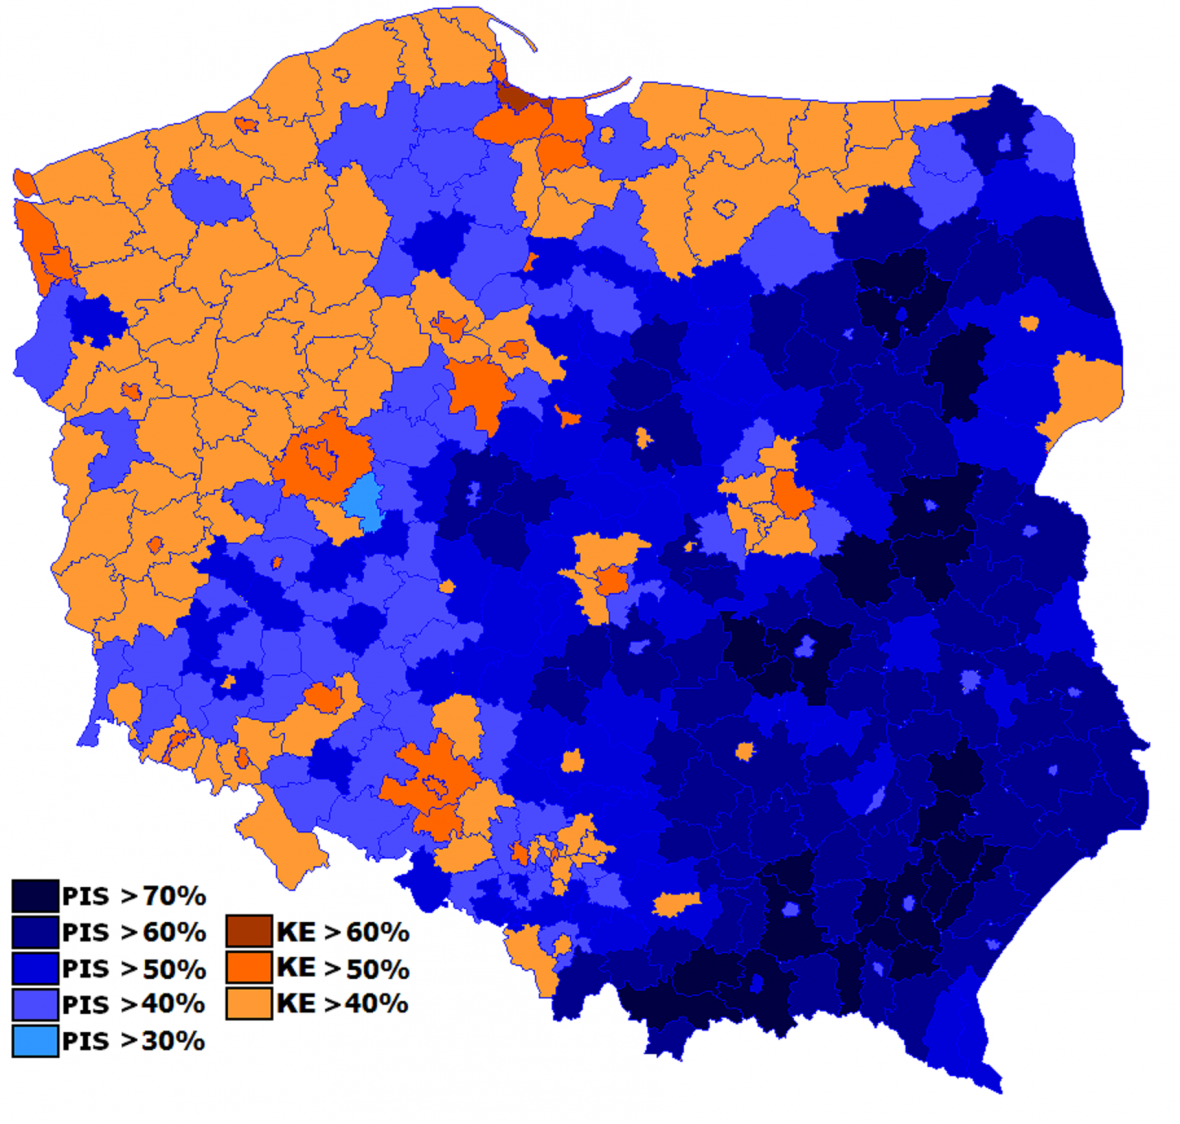 Výsledky voleb do Evropského parlamentu v květnu 2019. Modře Právo a spravedlnost, oranžově Evropská koalice